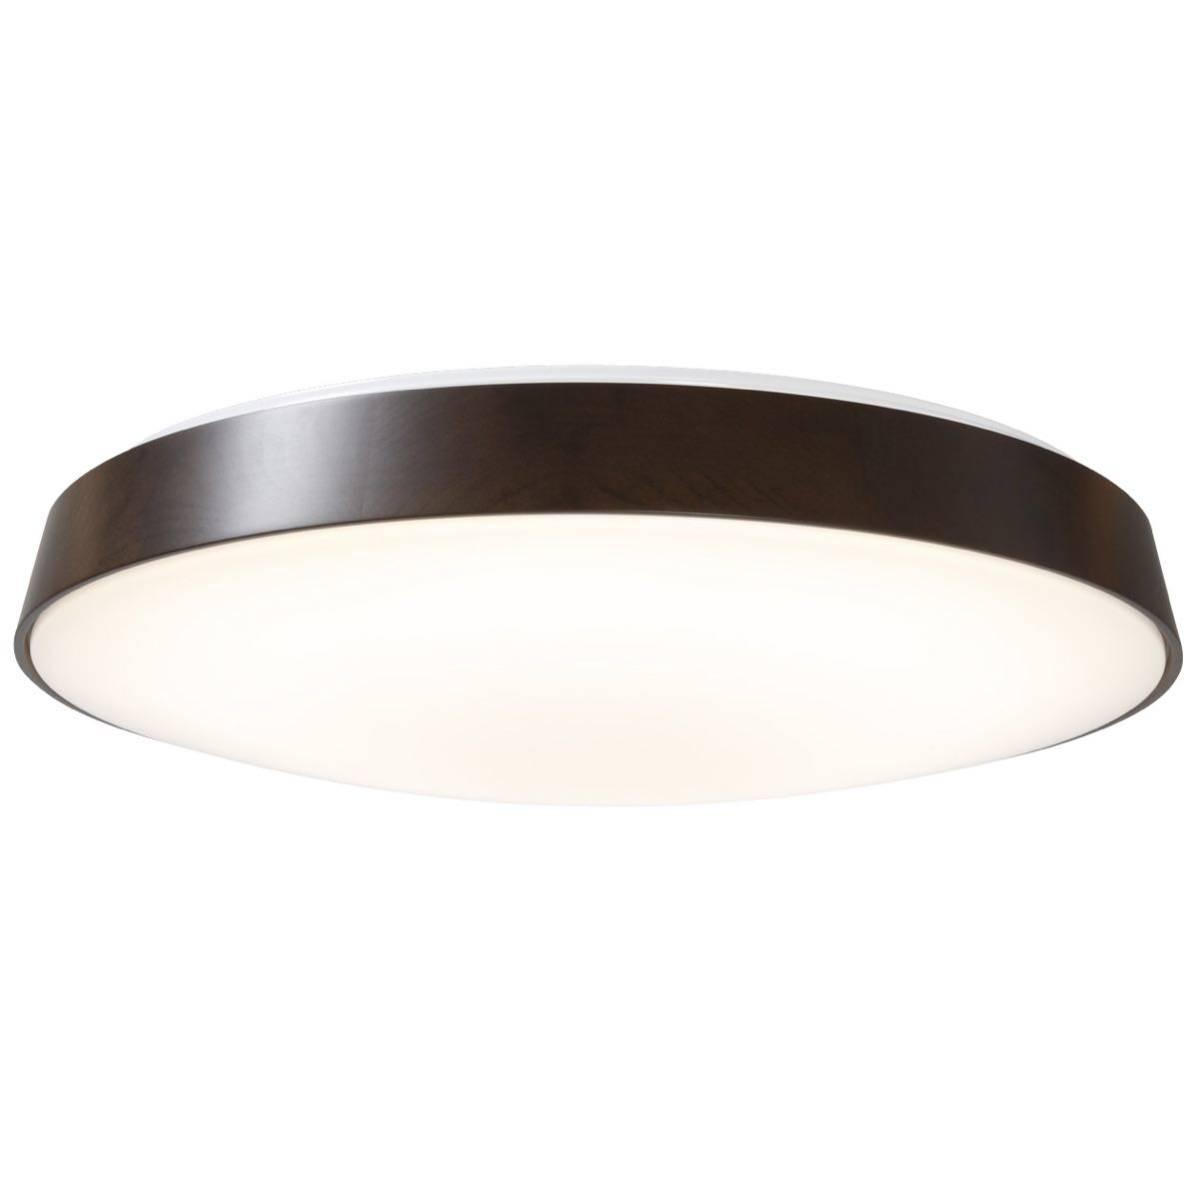 無印良品 LED木製シーリングライト 調光調色機能付 ダークブラウン